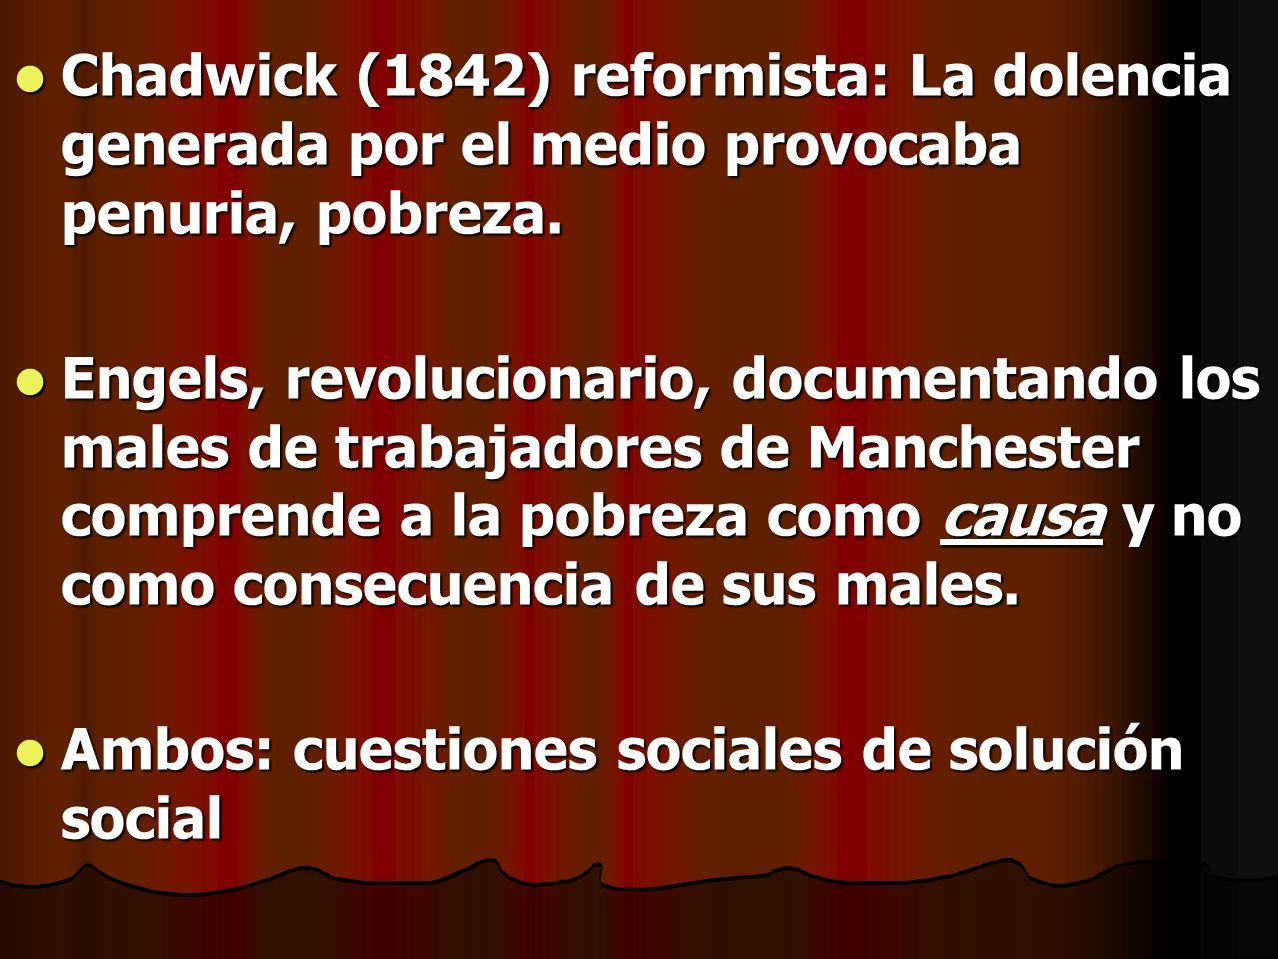 Chadwick (1842) reformista: La dolencia generada por el medio provocaba penuria, pobreza. Chadwick (1842) reformista: La dolencia generada por el medi